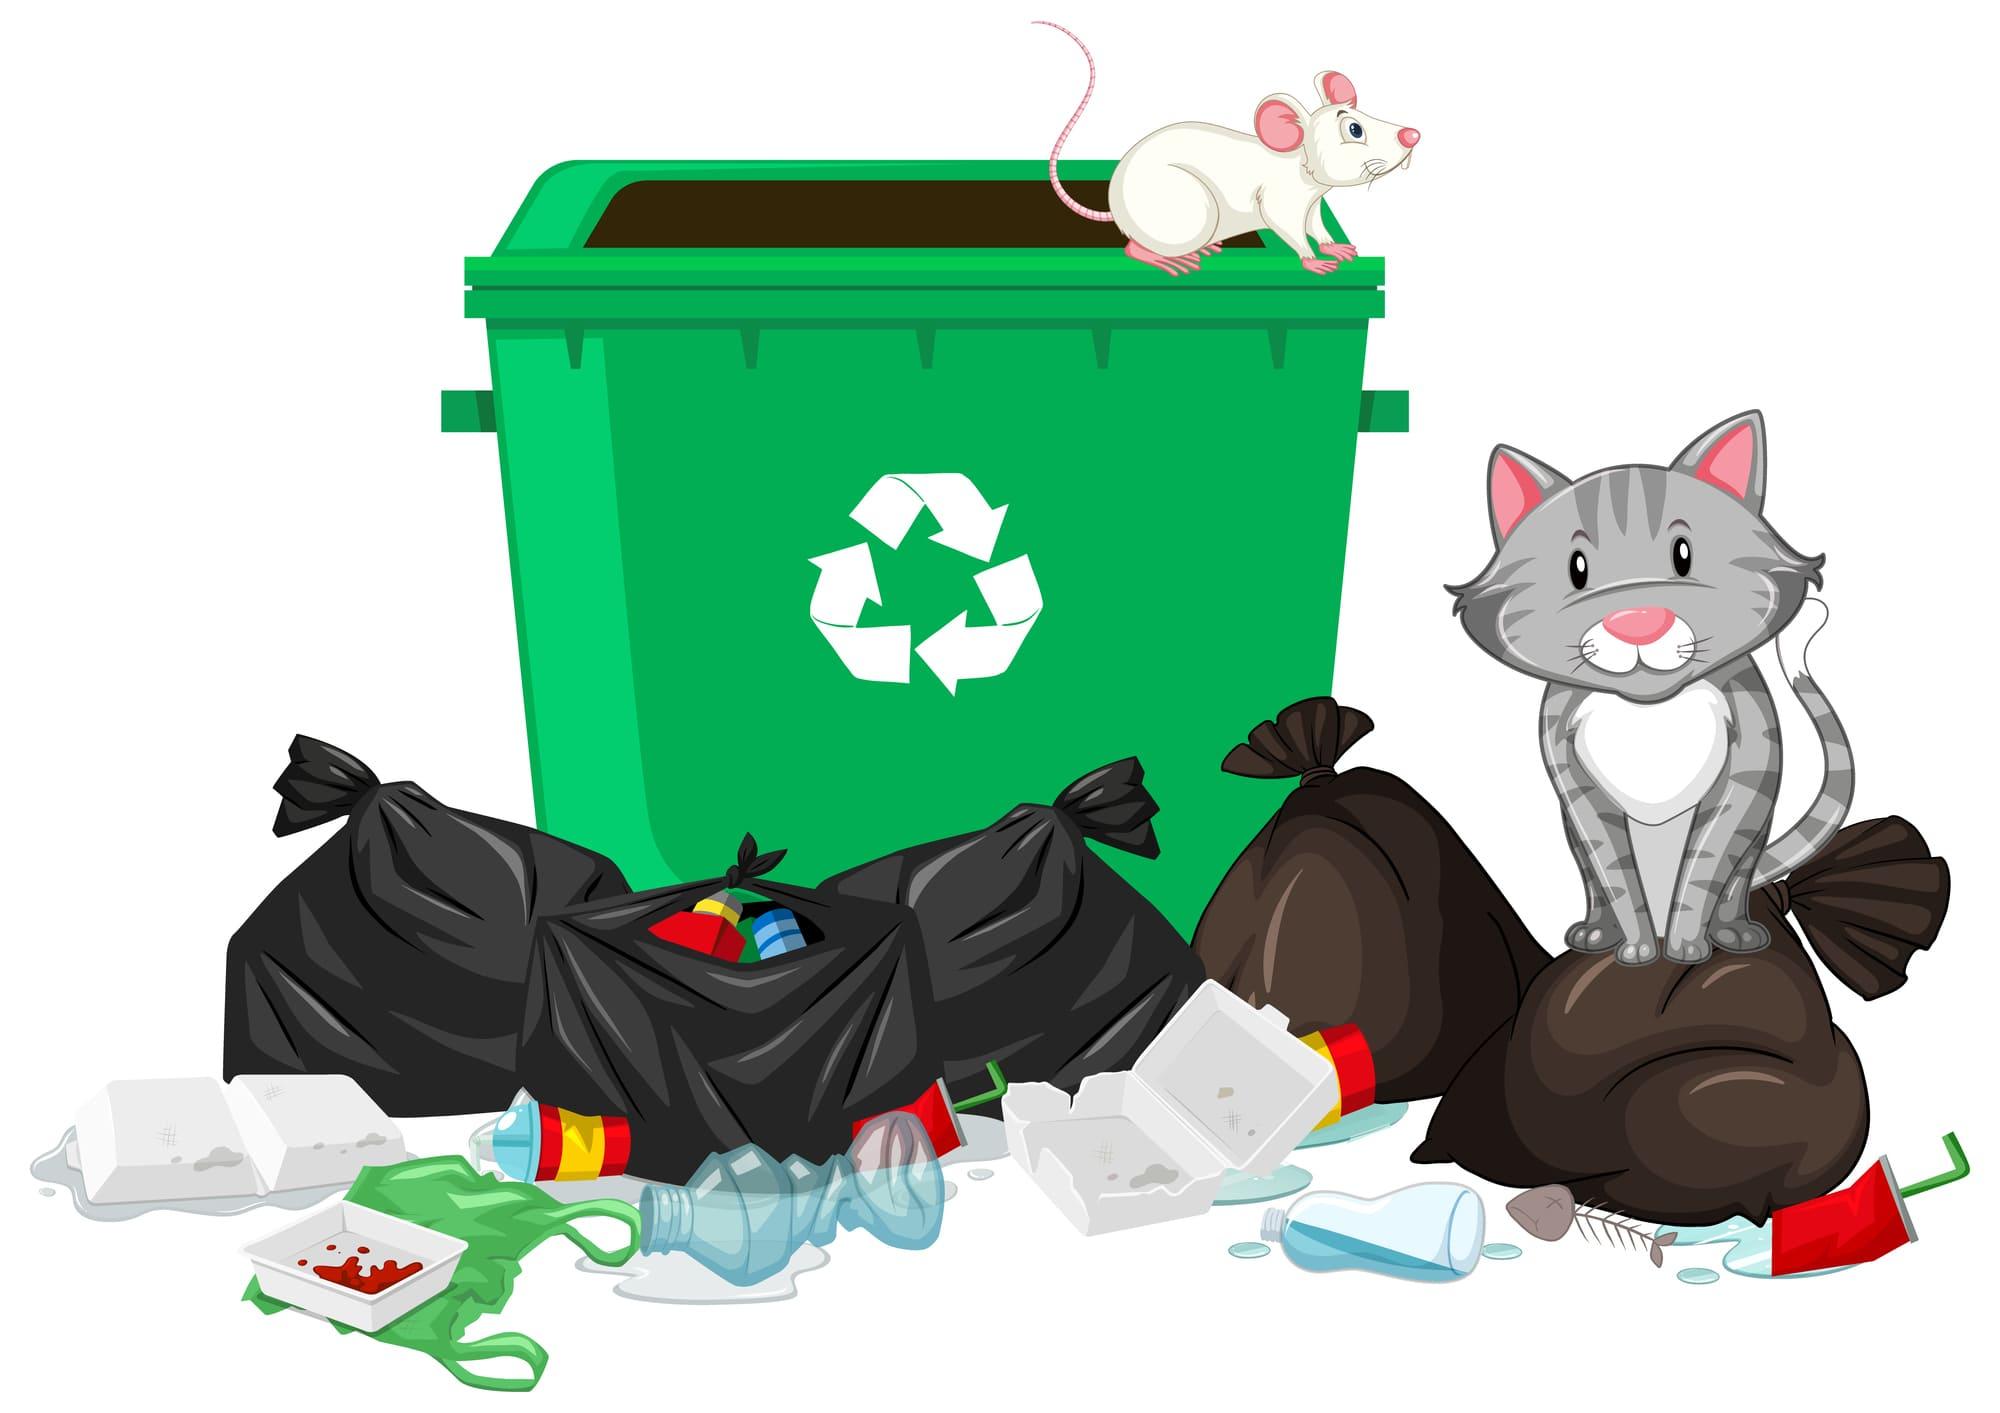 ゴミ置場の管理状態は、入居率に影響します。